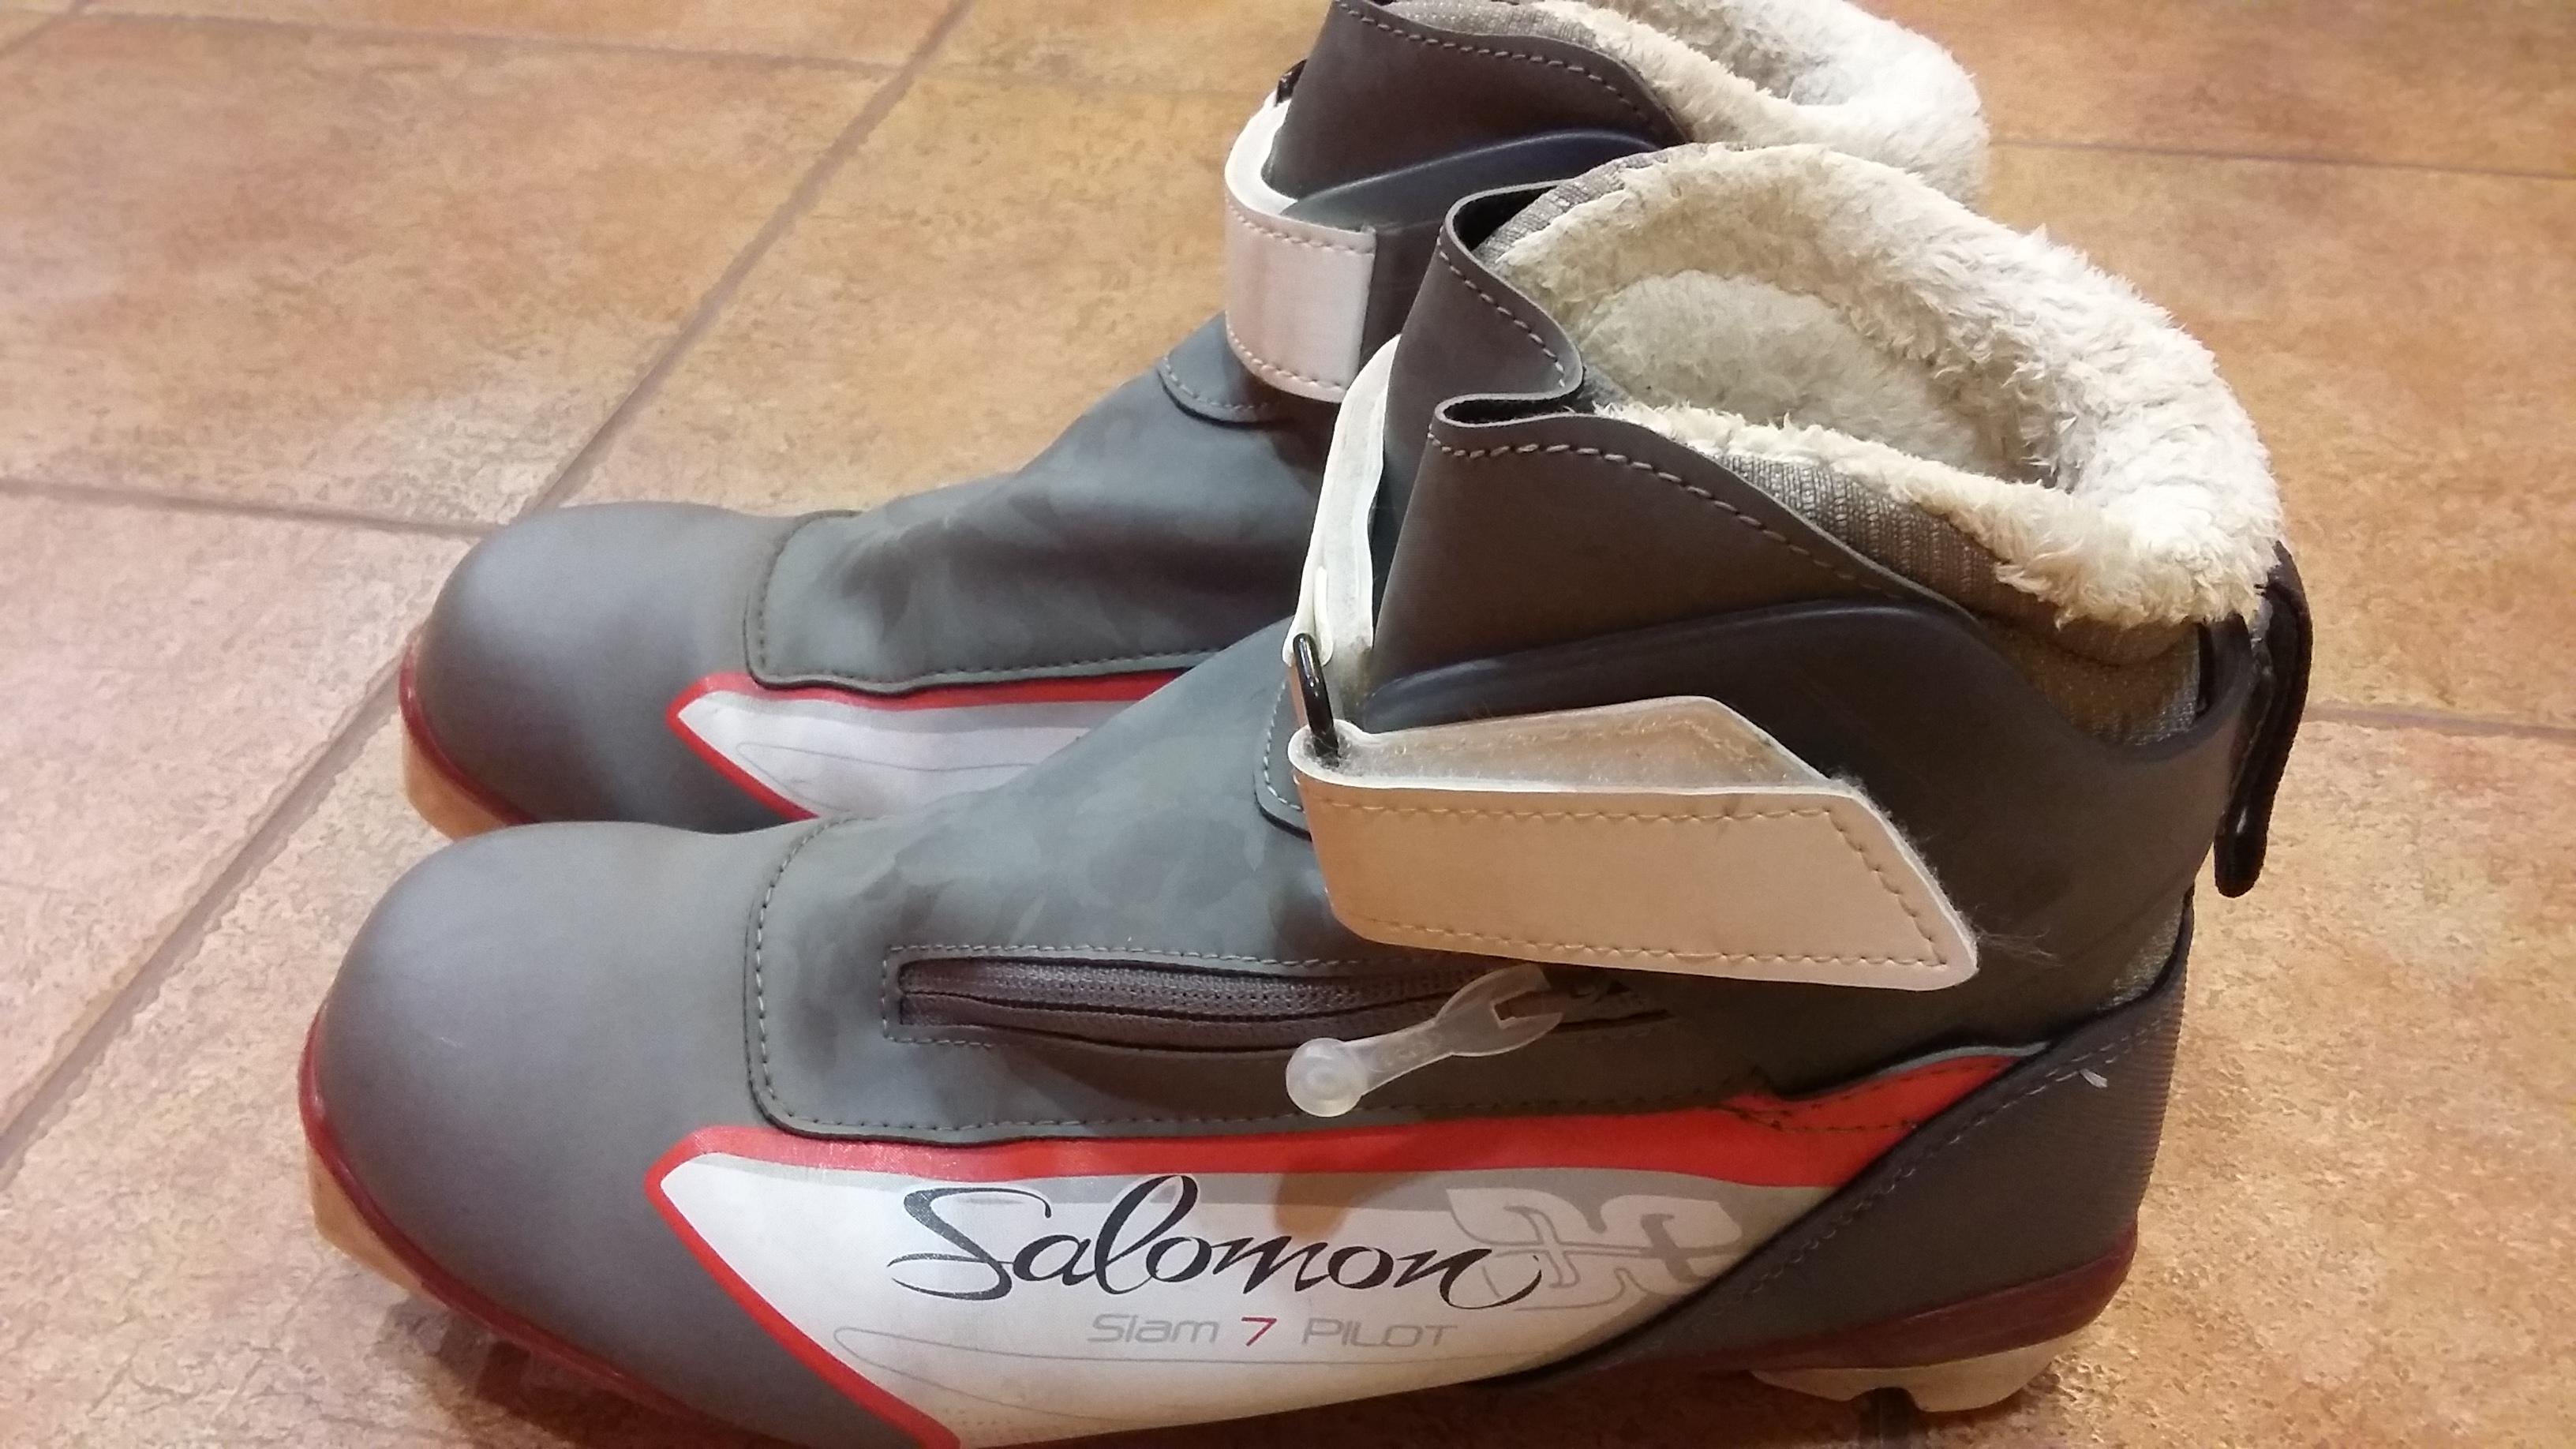 boty SALOMON SIAM 70 PILOT vel 39 1 3 - Bazar - Běžky.net 47a40ce925